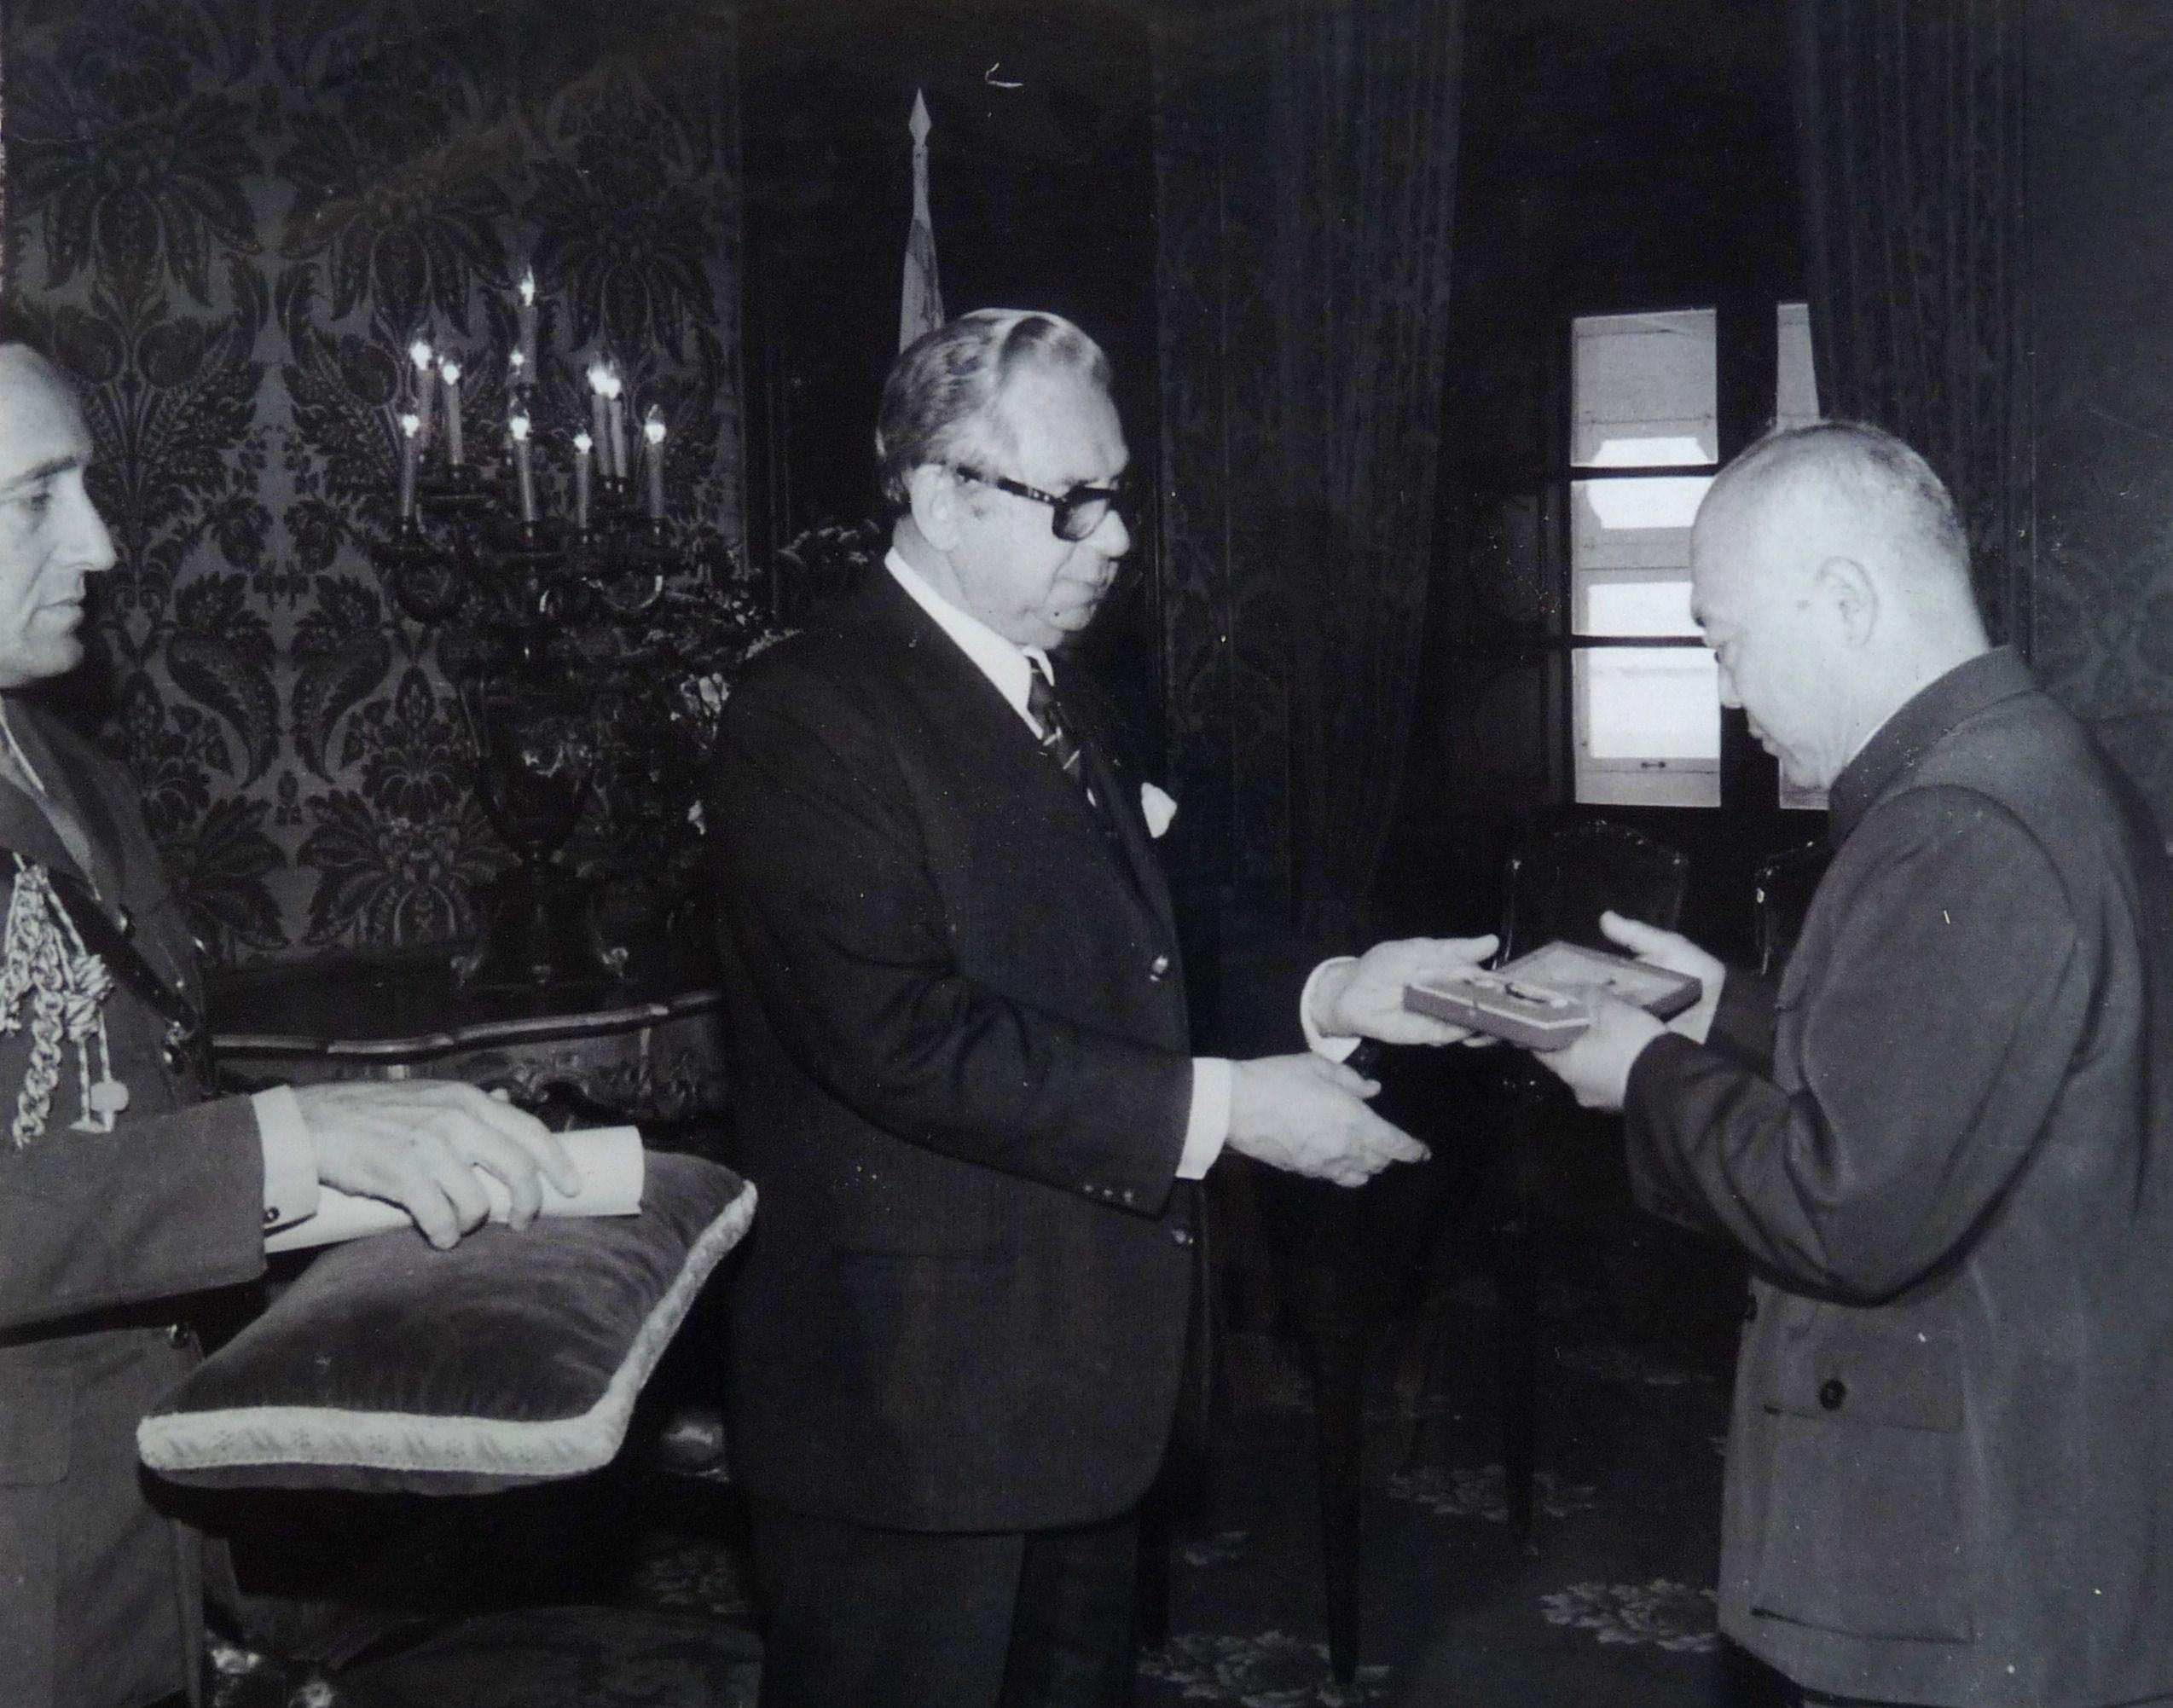 Il-President Anton Buttigieg qed jghaddi l-Midalja lill-Ambaxxatur tac-Cina f'Malta.JPG